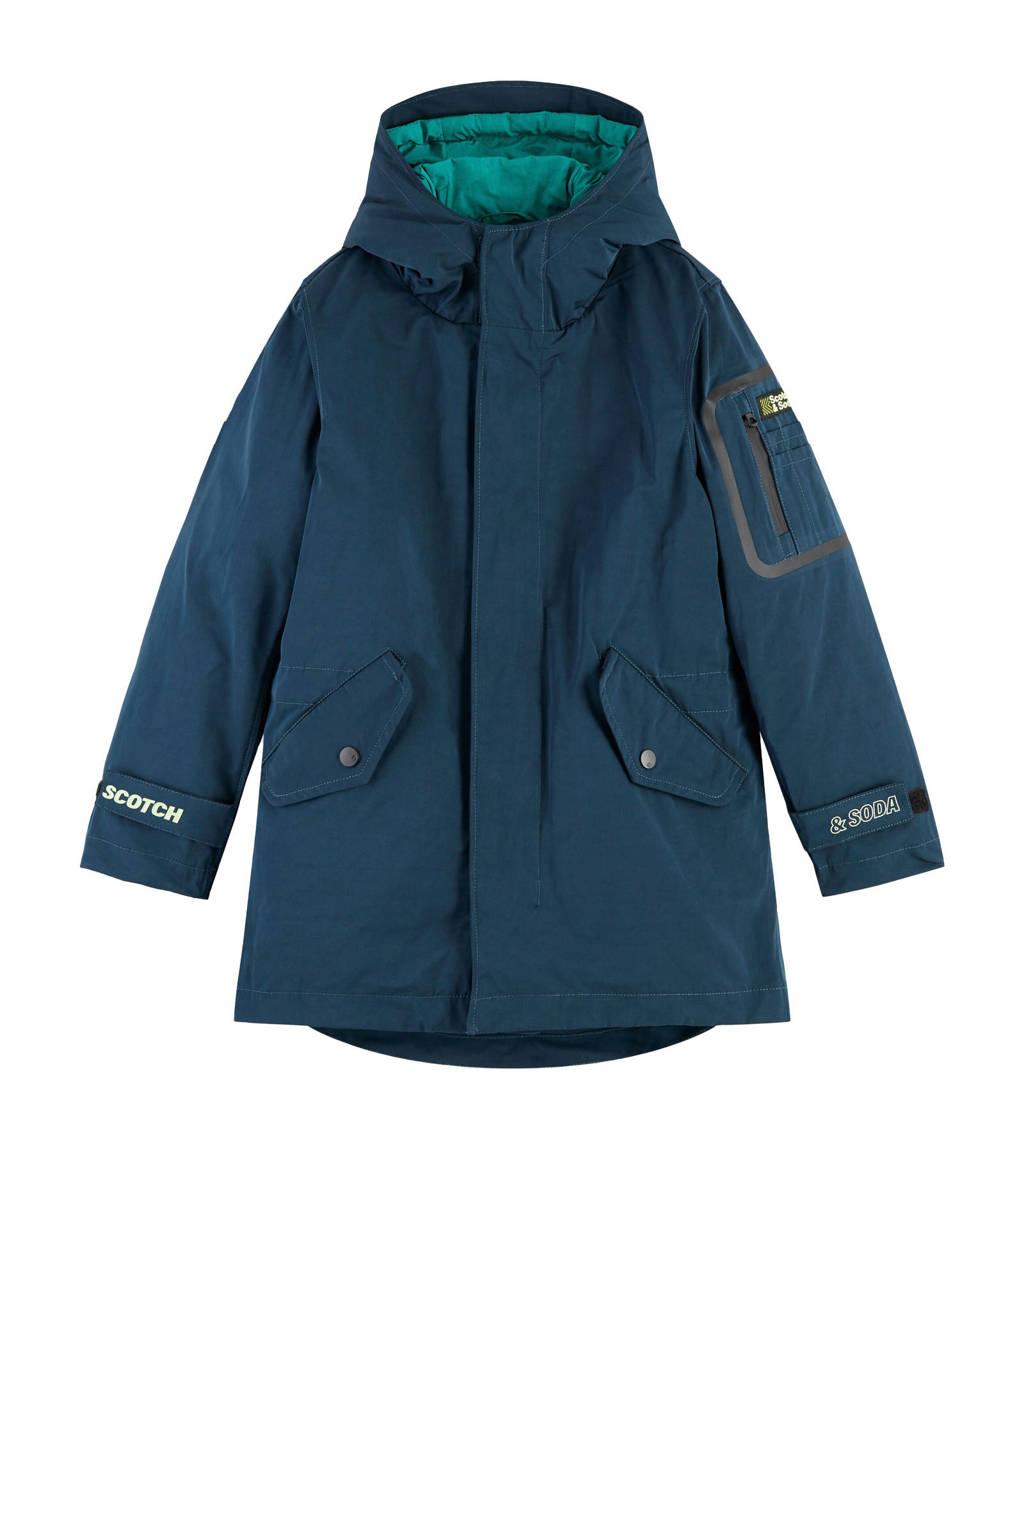 Scotch & Soda parka winterjas donkerblauw, Donkerblauw